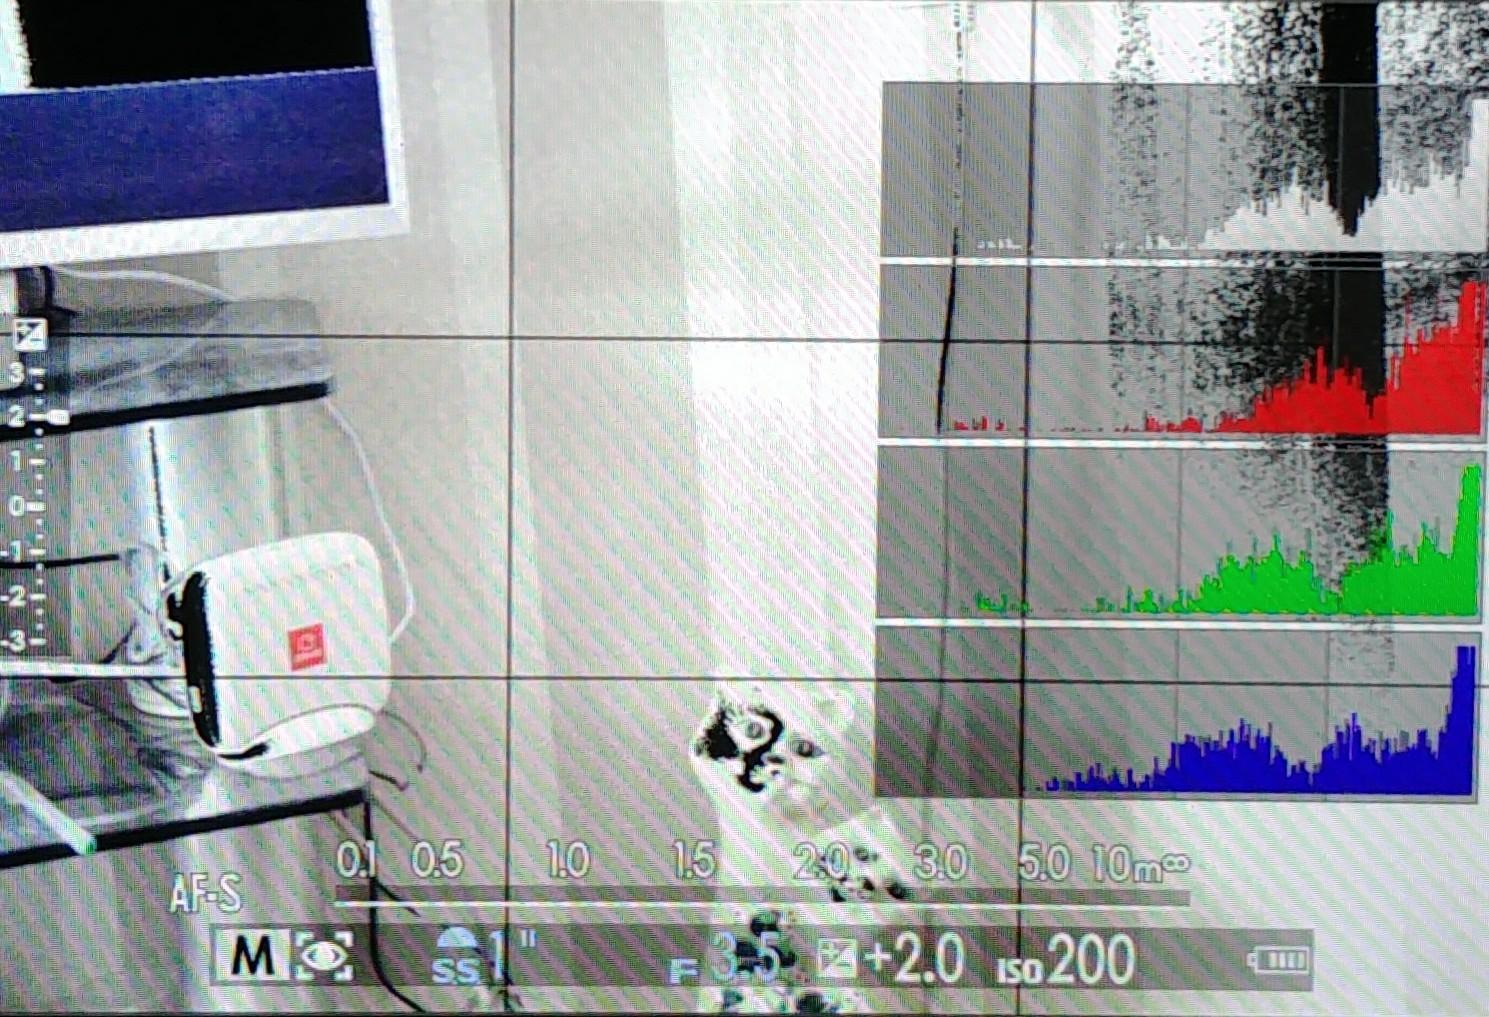 Переэкспонированные области мигают в гистограмме RGB